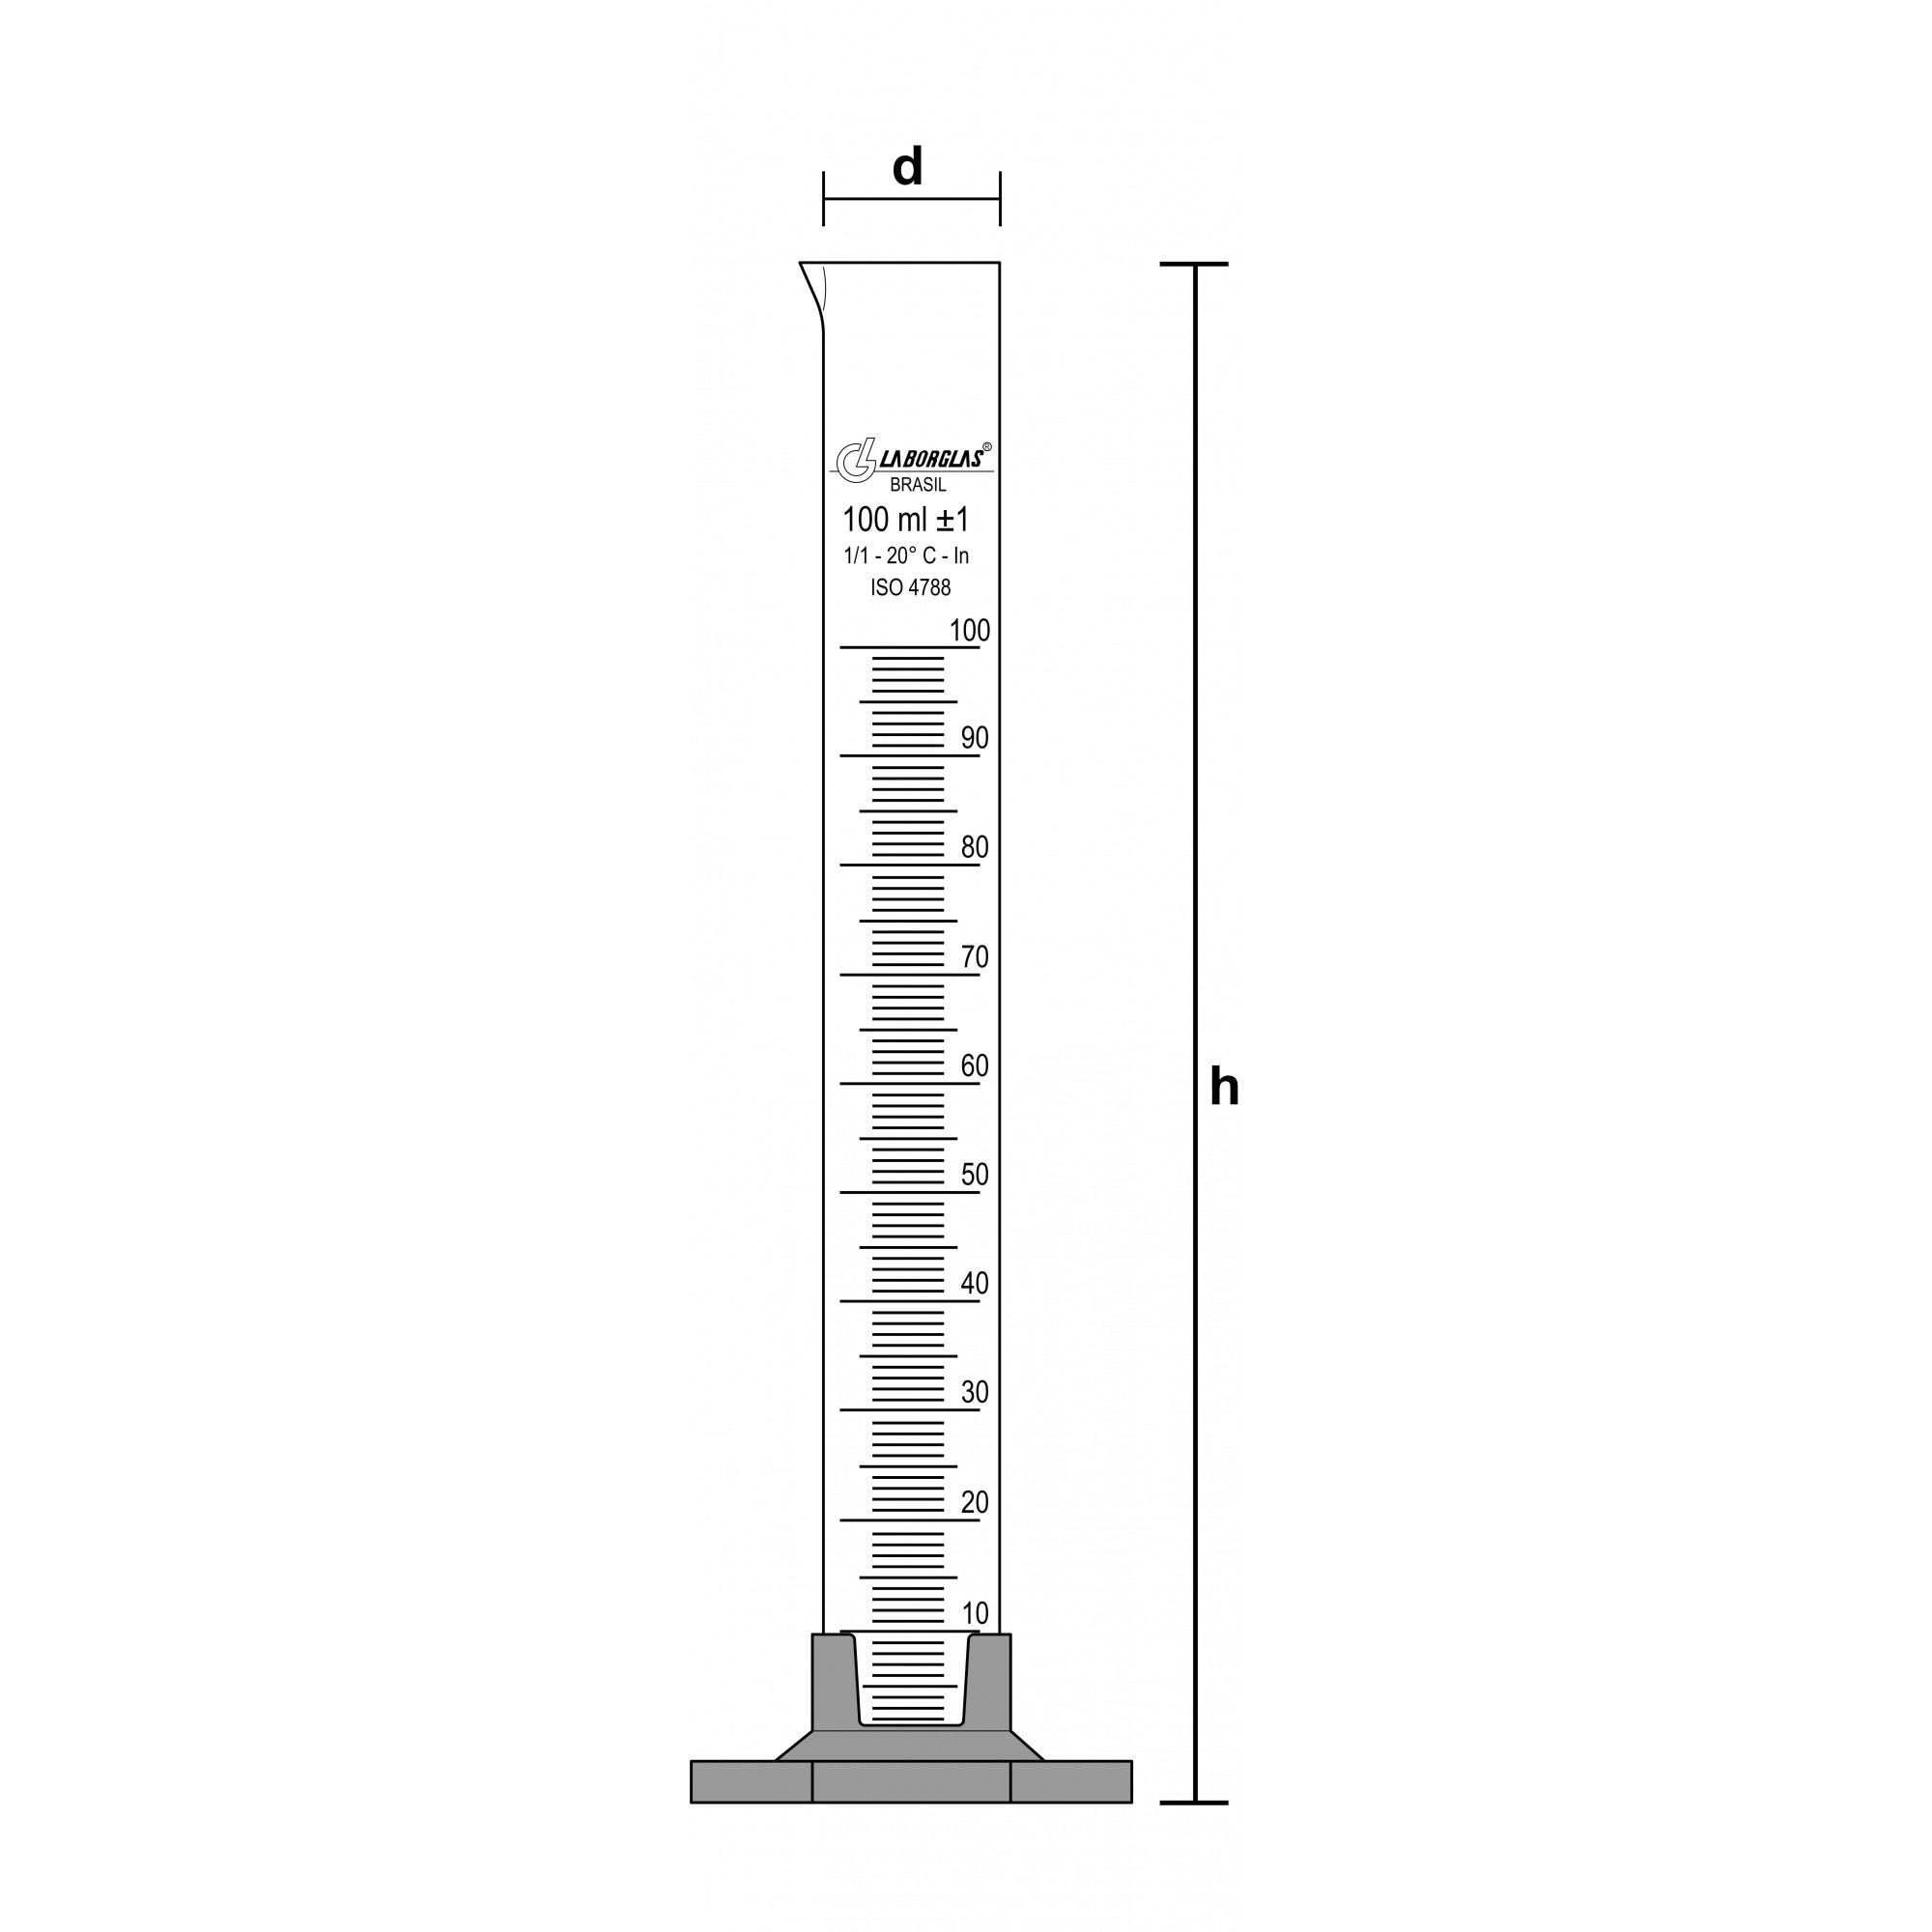 PROVETA GRADUADA BASE HEXAGONAL DE POLIPROPILENO 250 ML CERTIFICADO RASTREÁVEL - Laborglas - Cód. 9138636-C